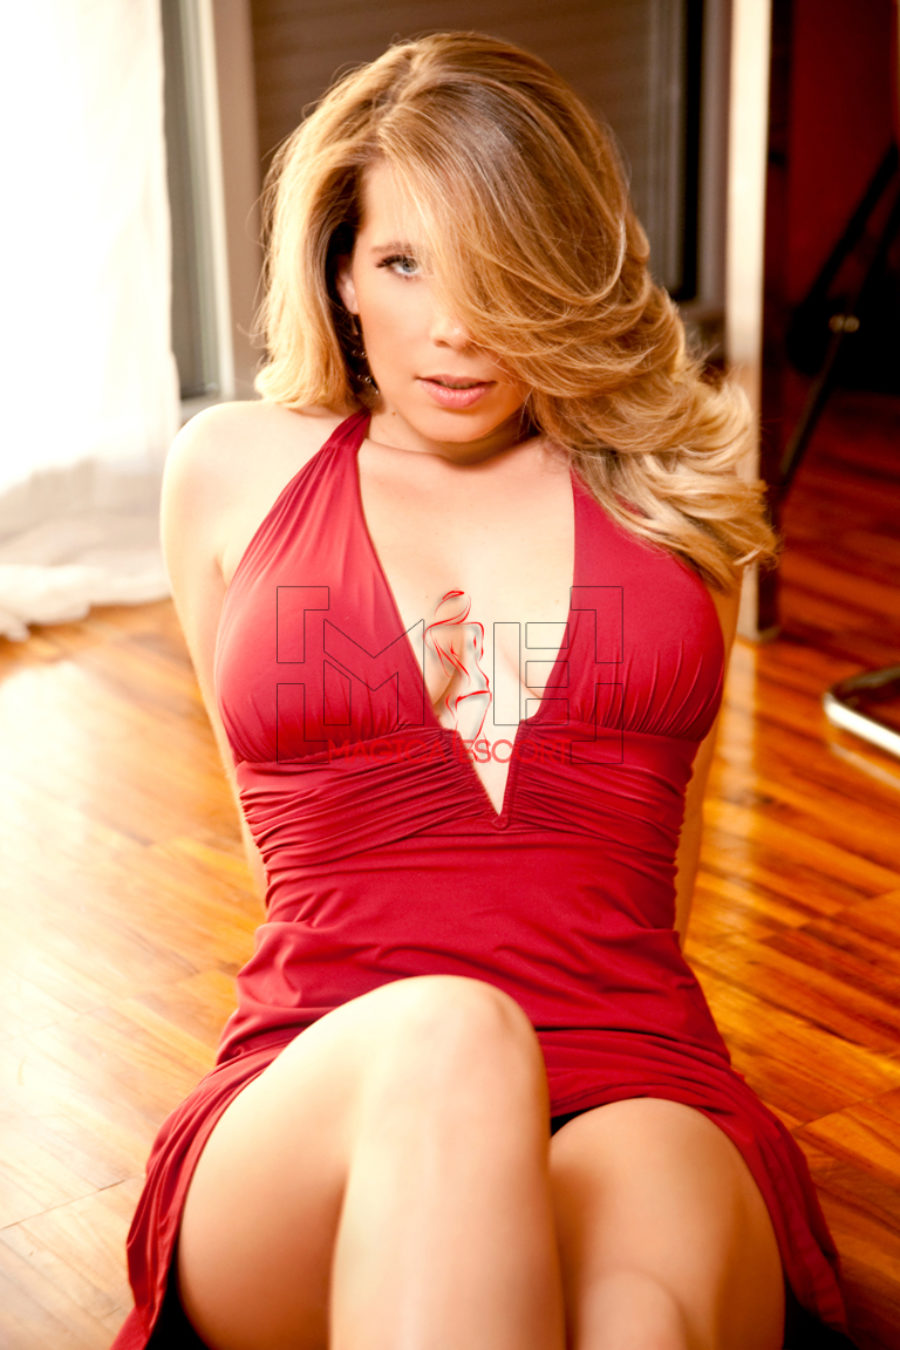 Cherry top class escort Torino indossa un abito rosso dalla profonda scollatura.